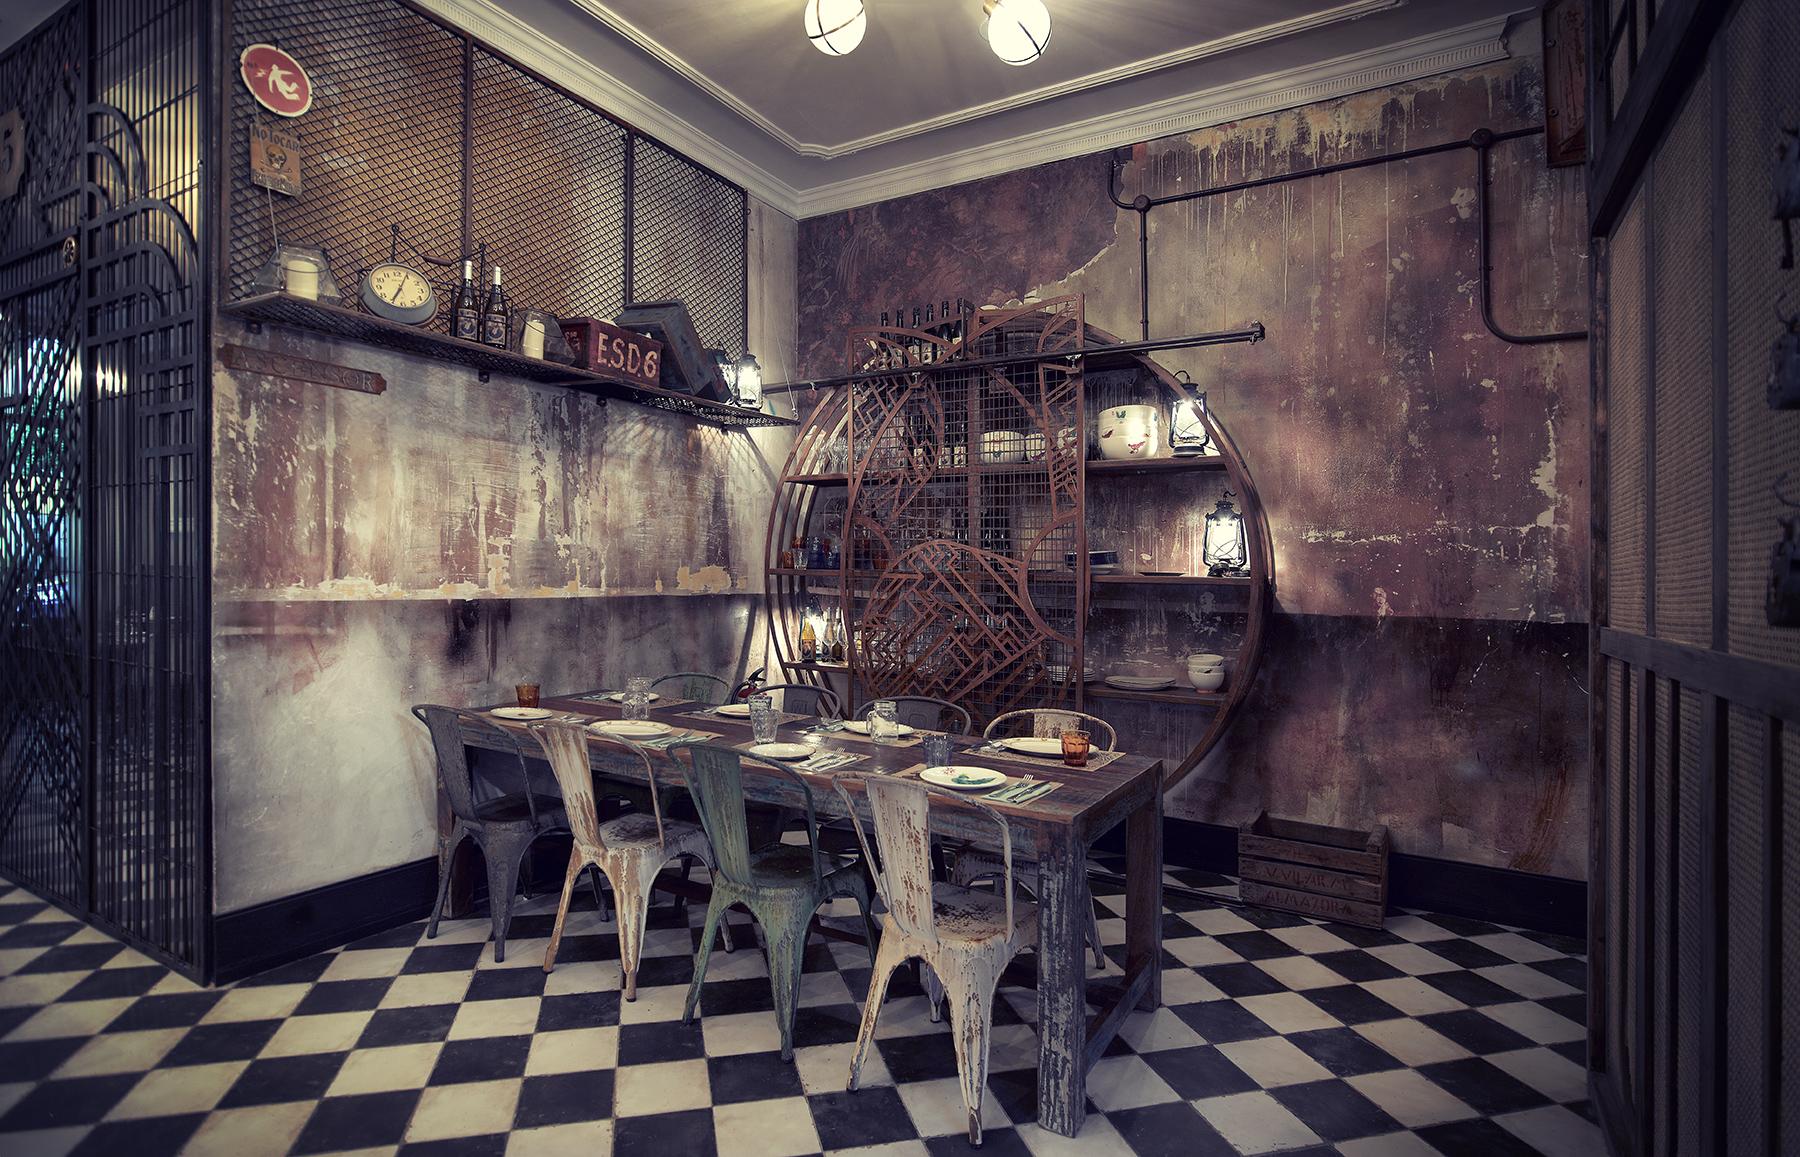 Proyectos de interiorismo n5 burger lujo y decadencia for Pintura estilo industrial